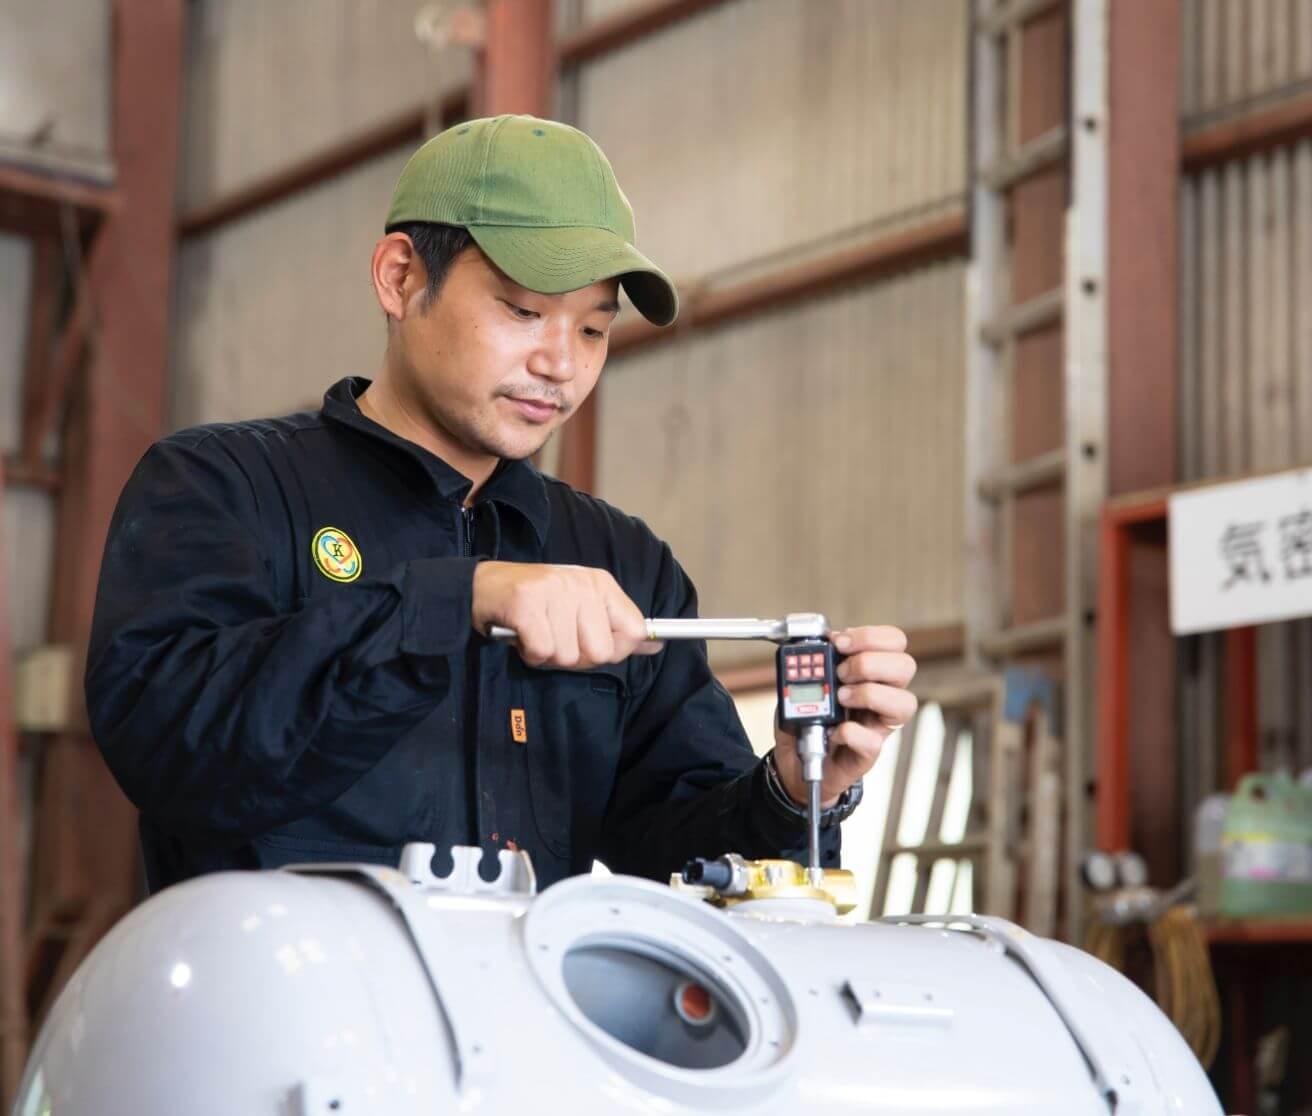 自動車燃料装置用容器再検査